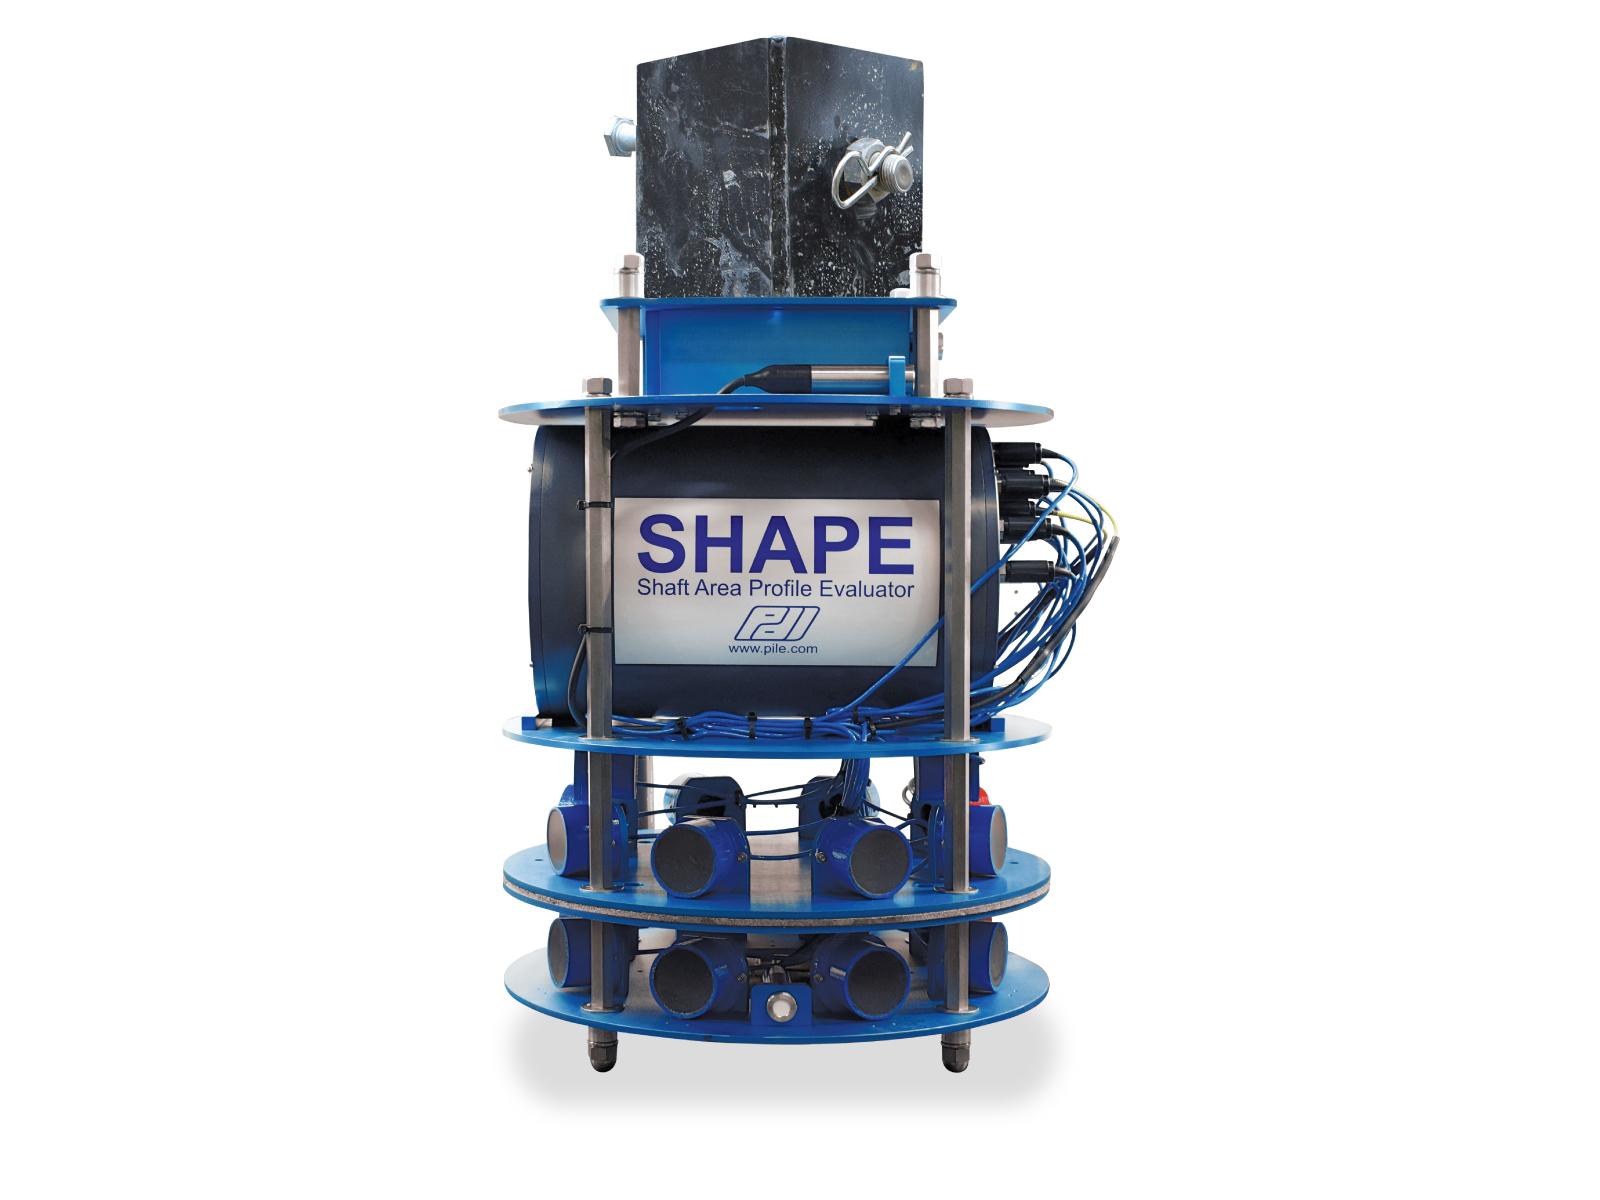 SHAPE-ProductImage-09-Web